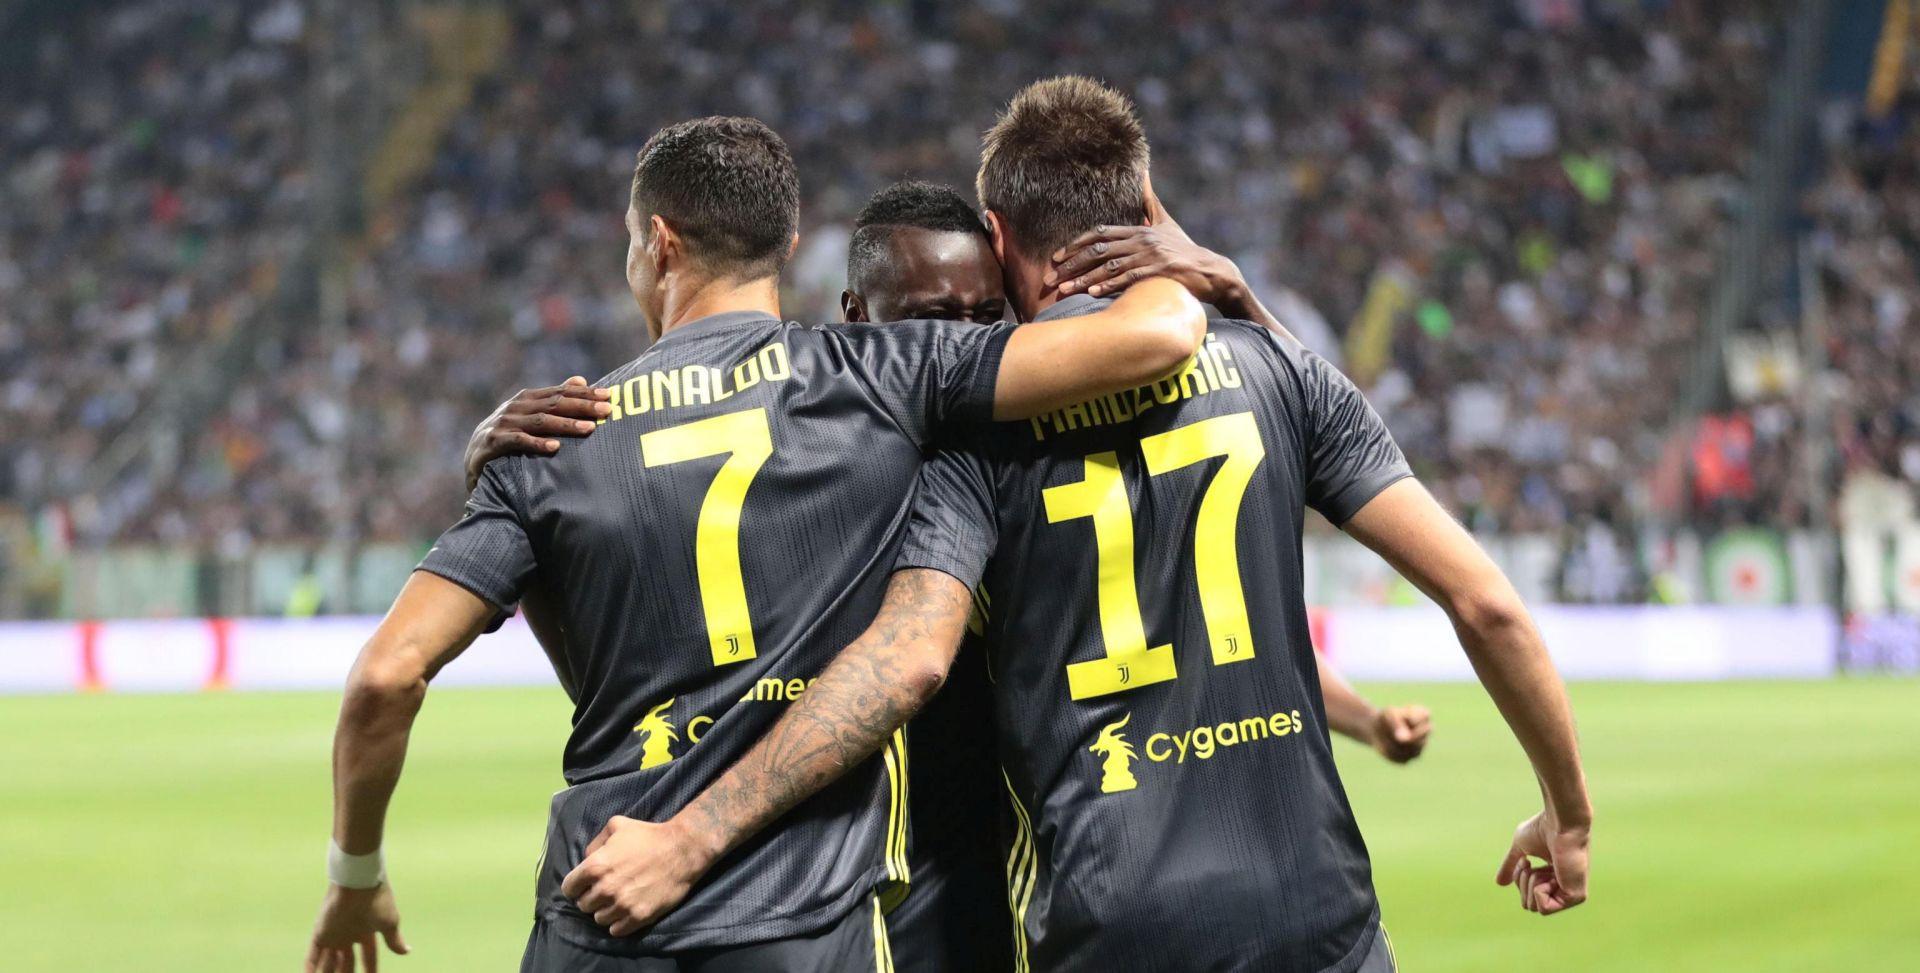 SERIE A Ronaldo dvostruki strijelac u pobjedi Juventusa